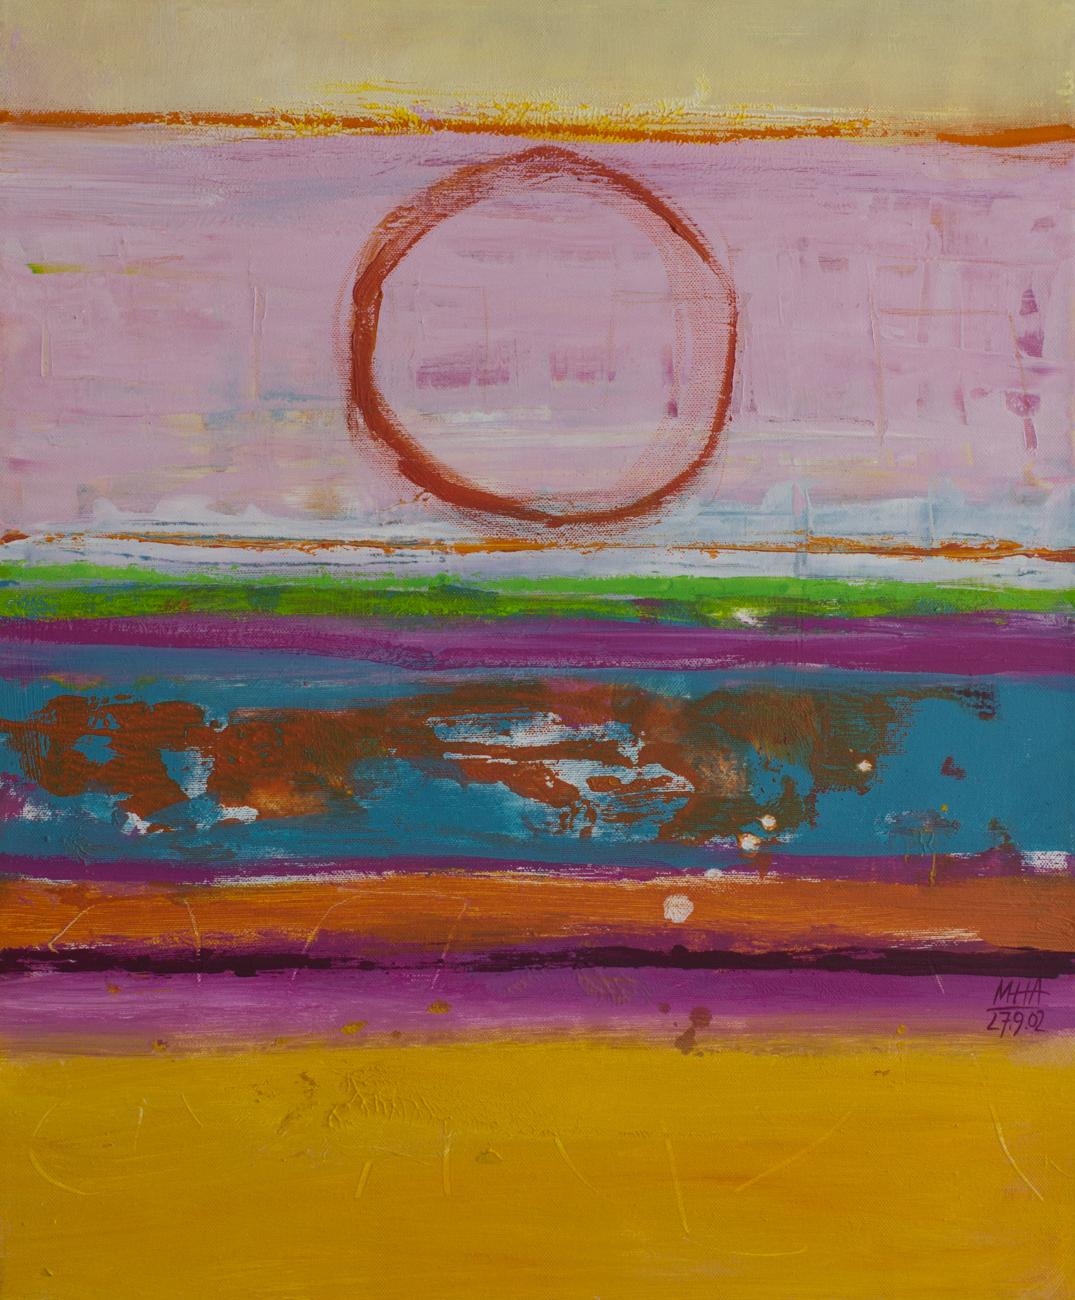 Tapiz 14 , 2002,Acryl auf Leinwand, 50x60 cm